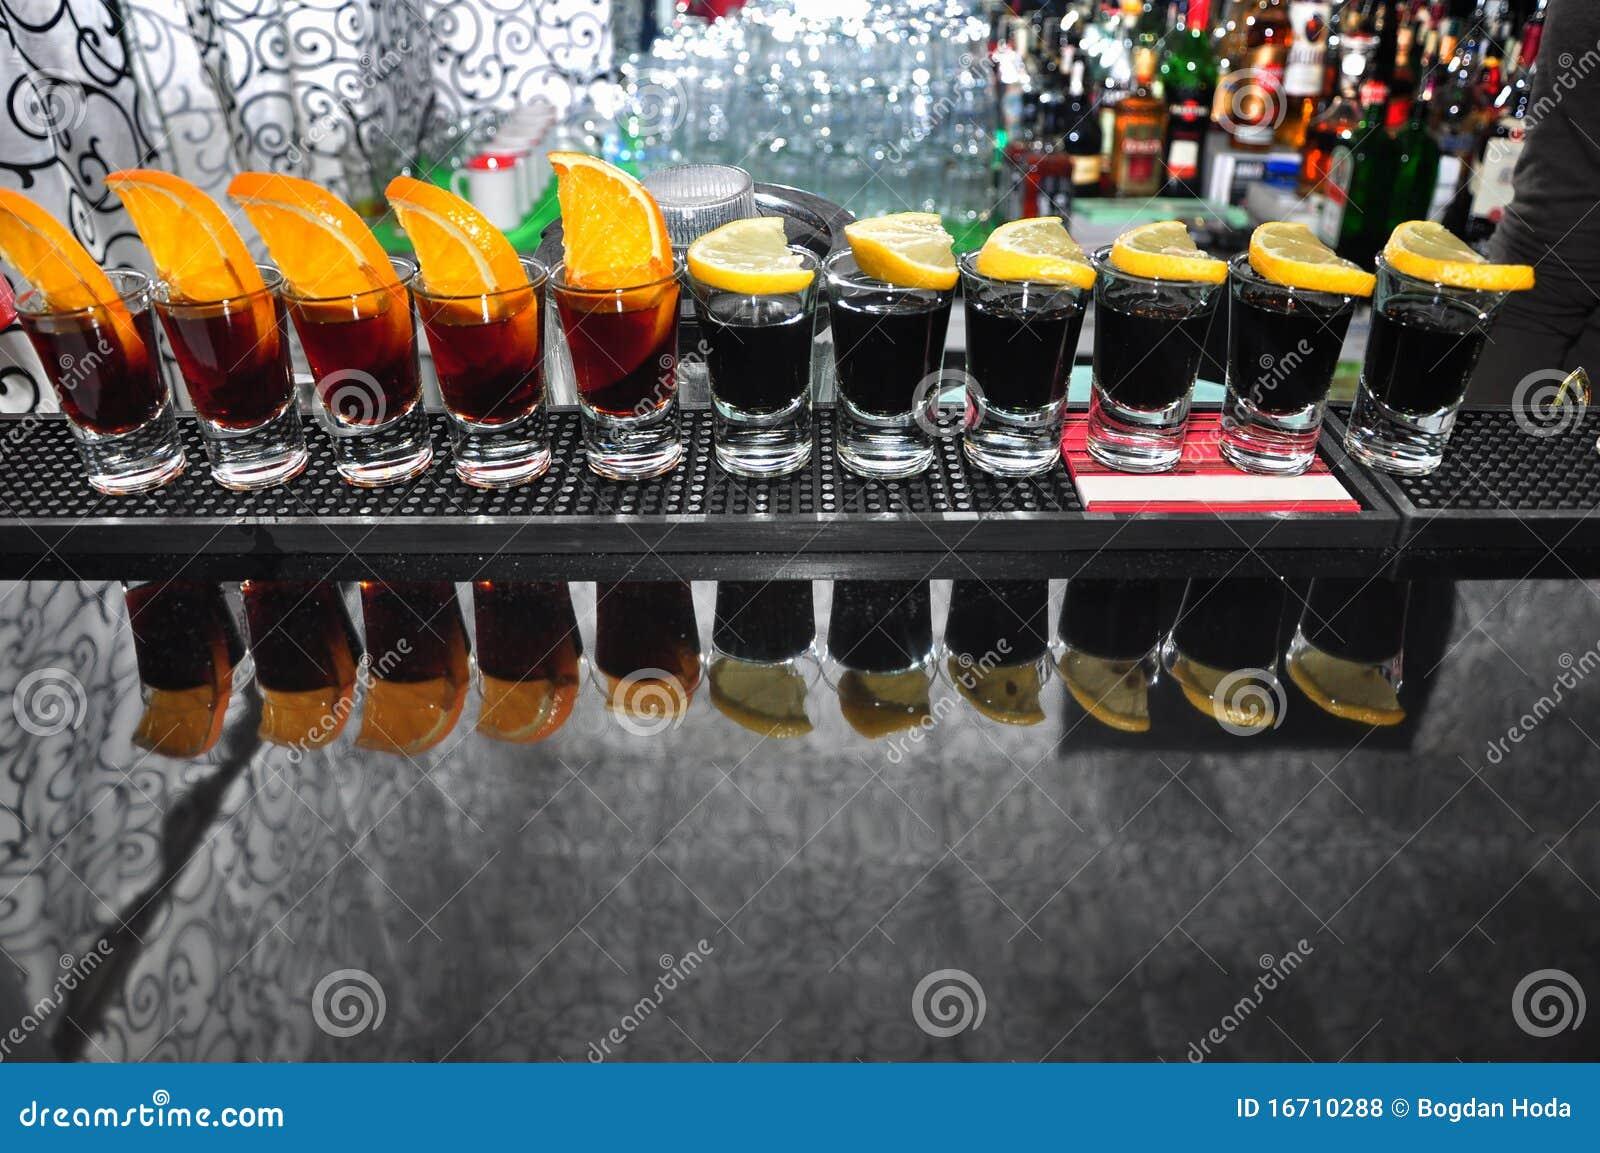 Fila de cuatro bebidas de vodka negra en la barra